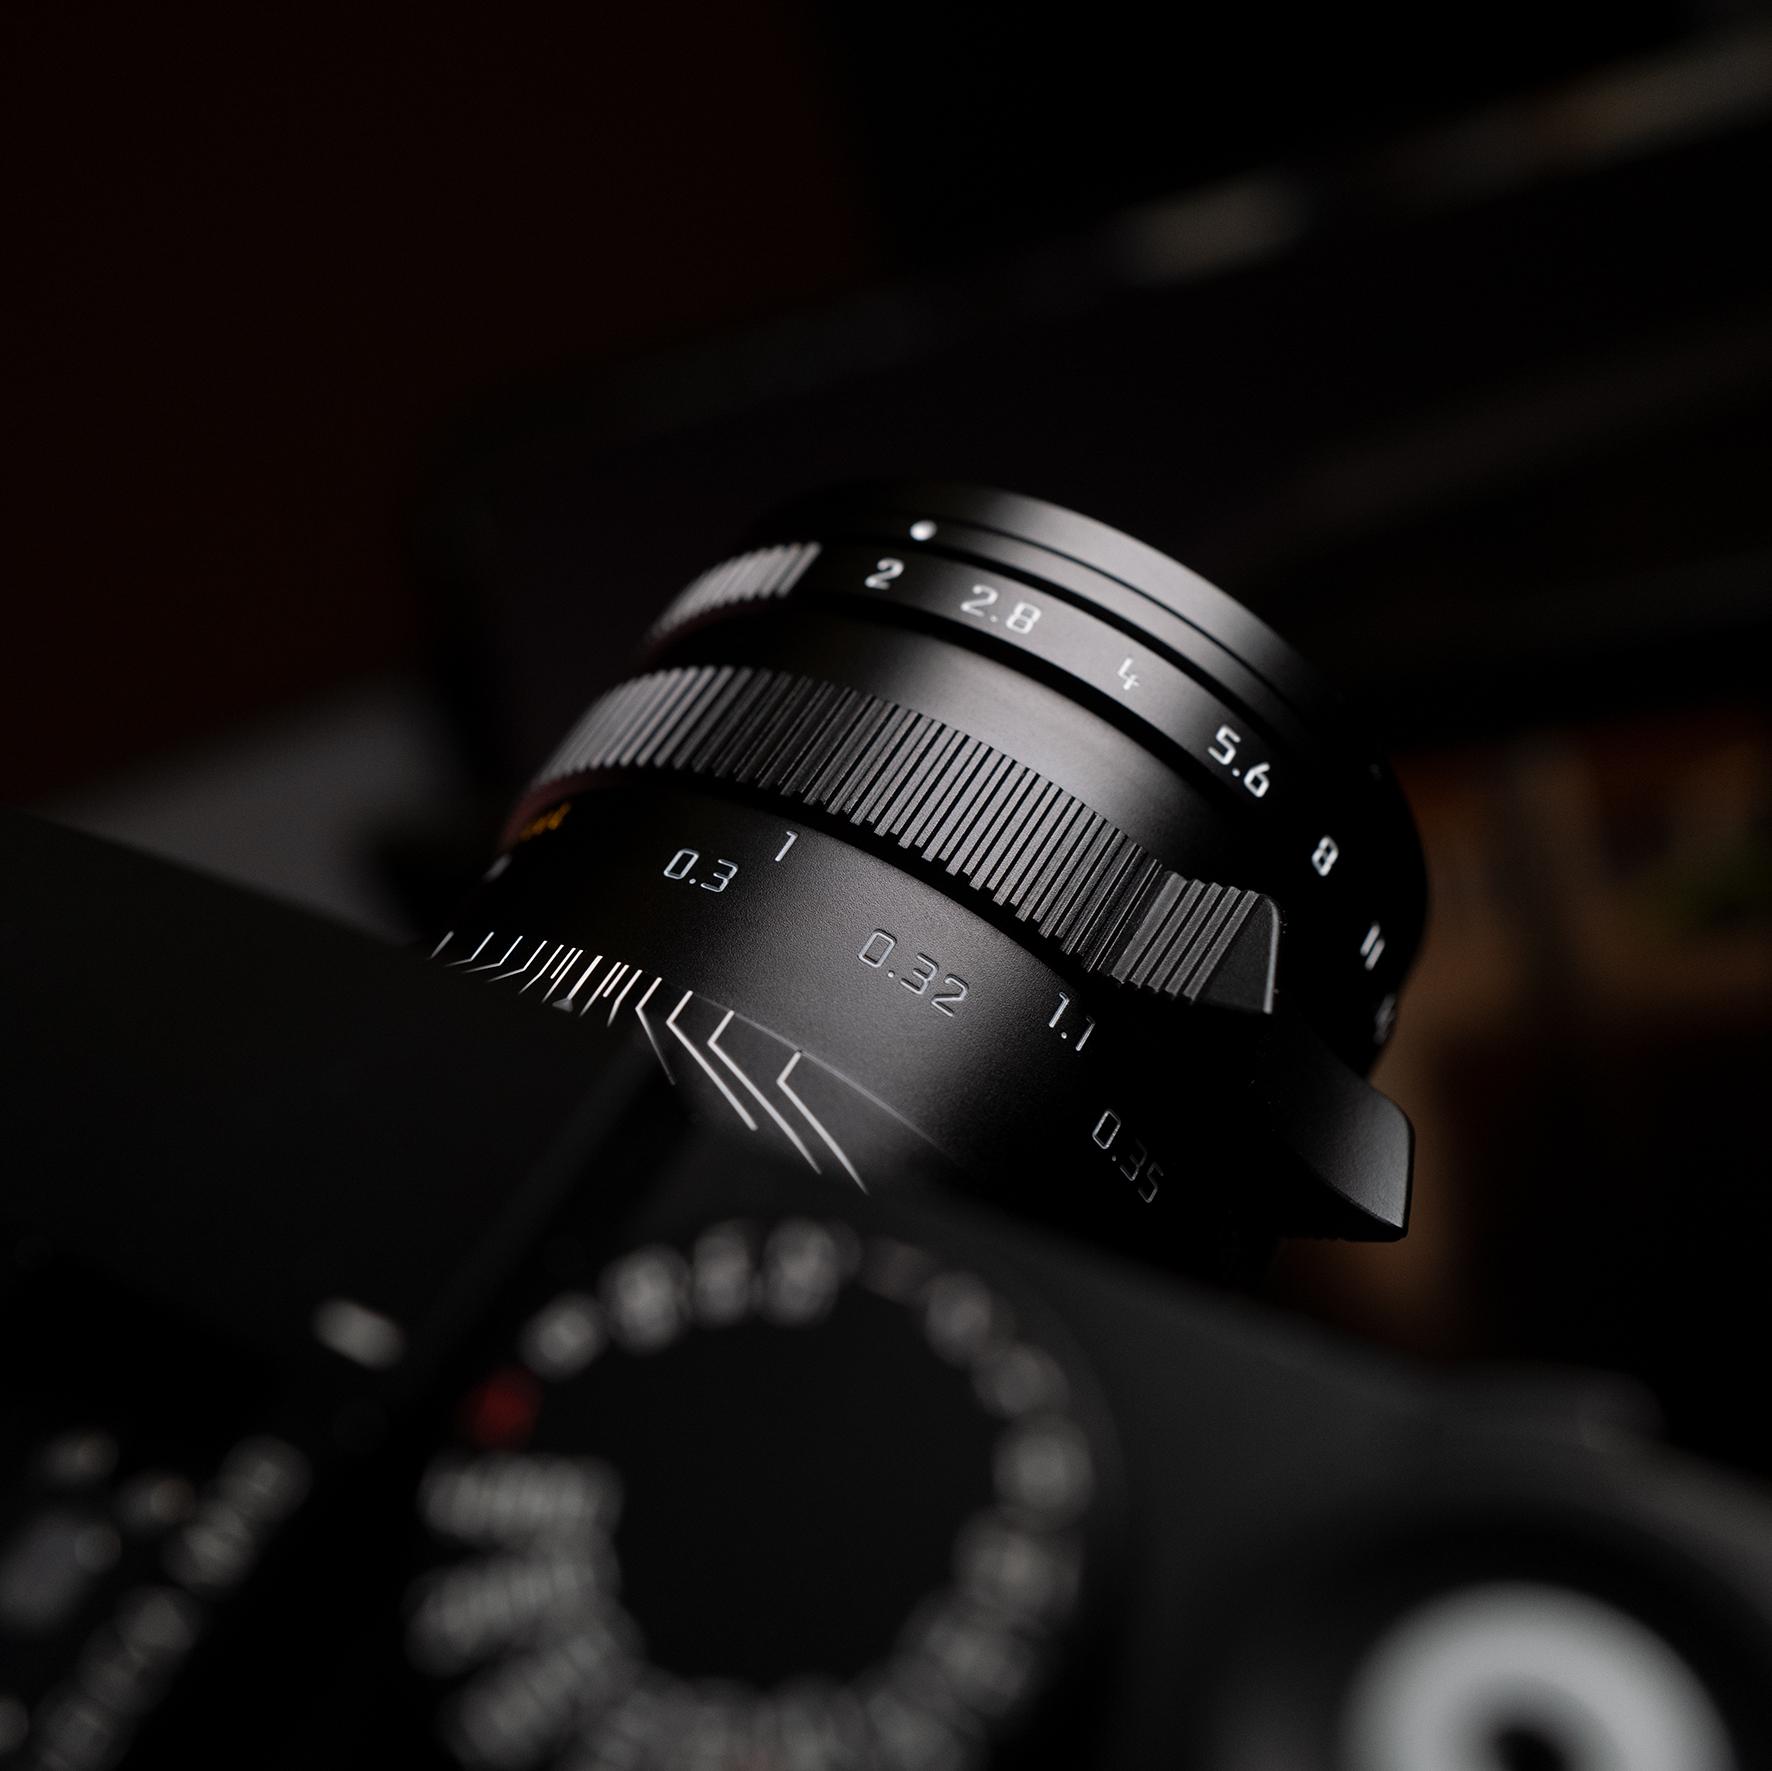 Leica APO Summicron-M 35mm F2 ASPH